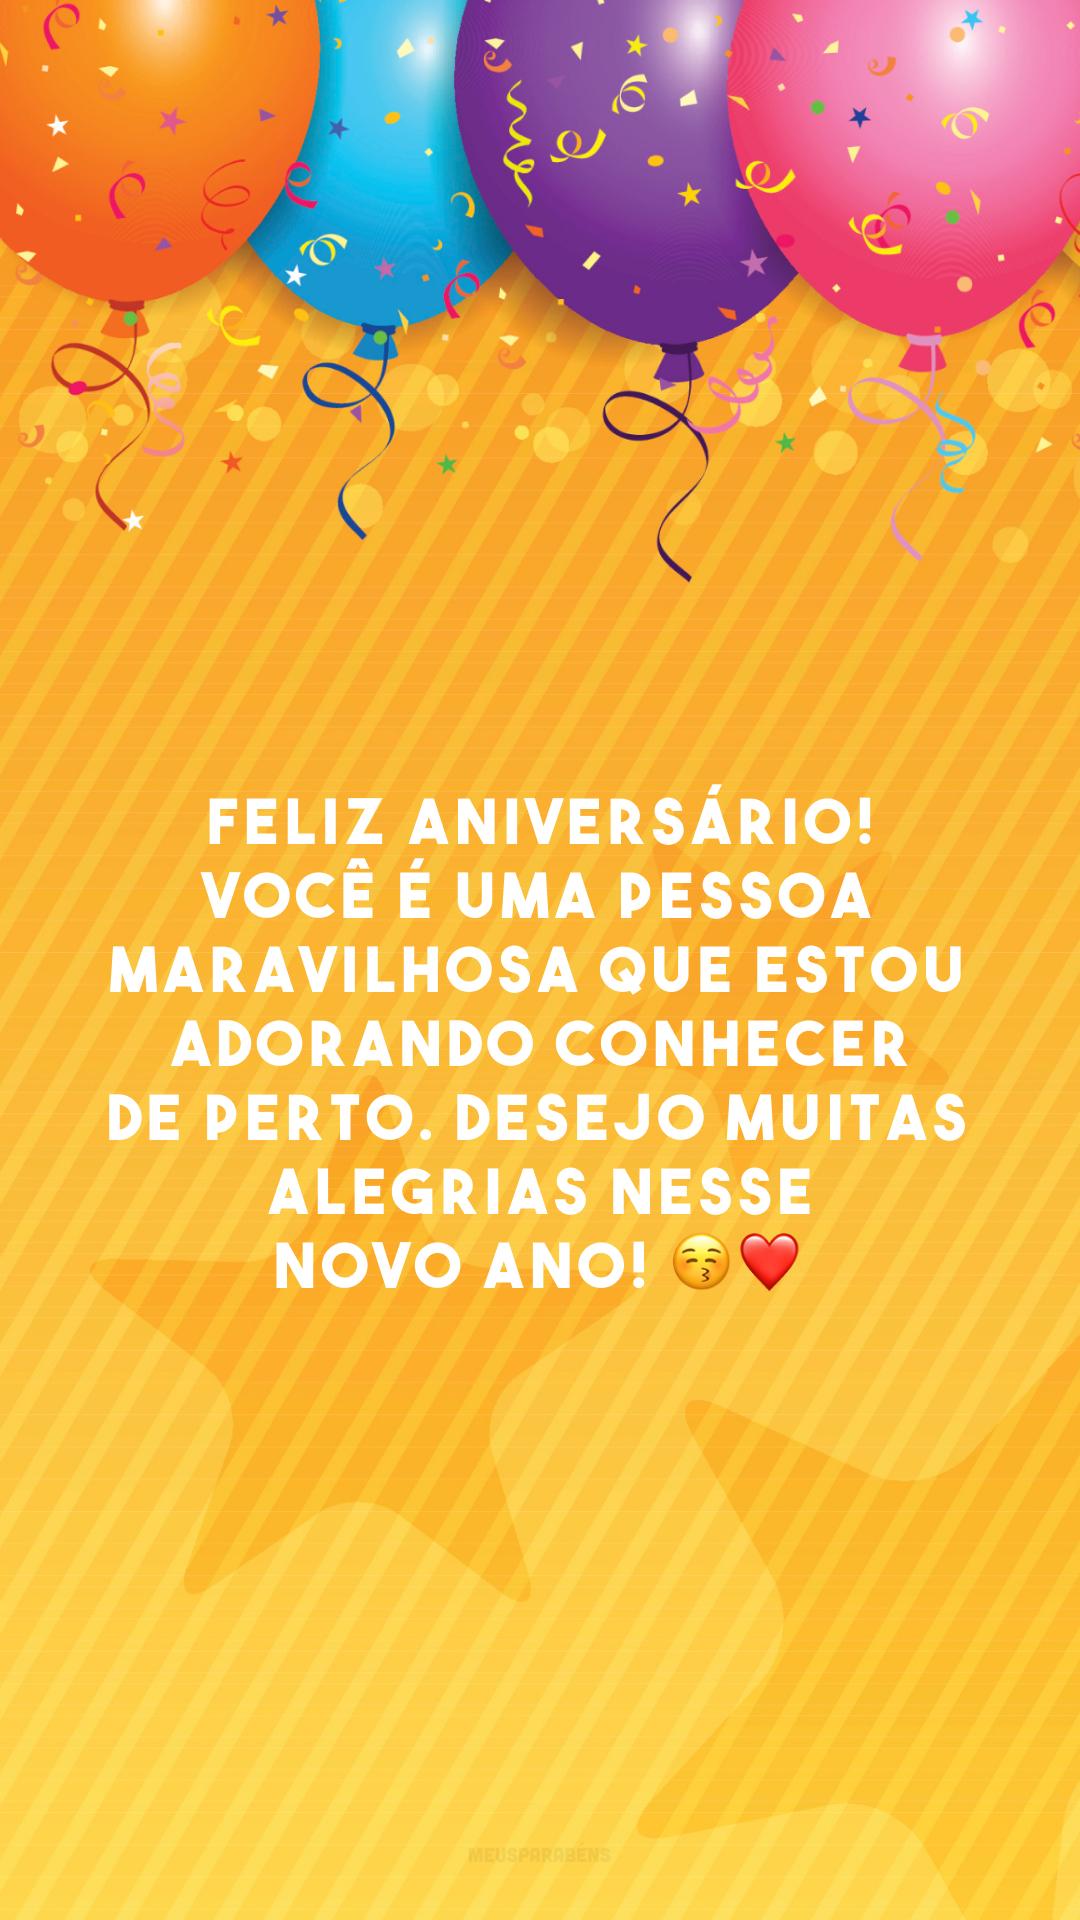 Feliz aniversário! Você é uma pessoa maravilhosa que estou adorando conhecer de perto. Desejo muitas alegrias nesse novo ano! 😚❤️